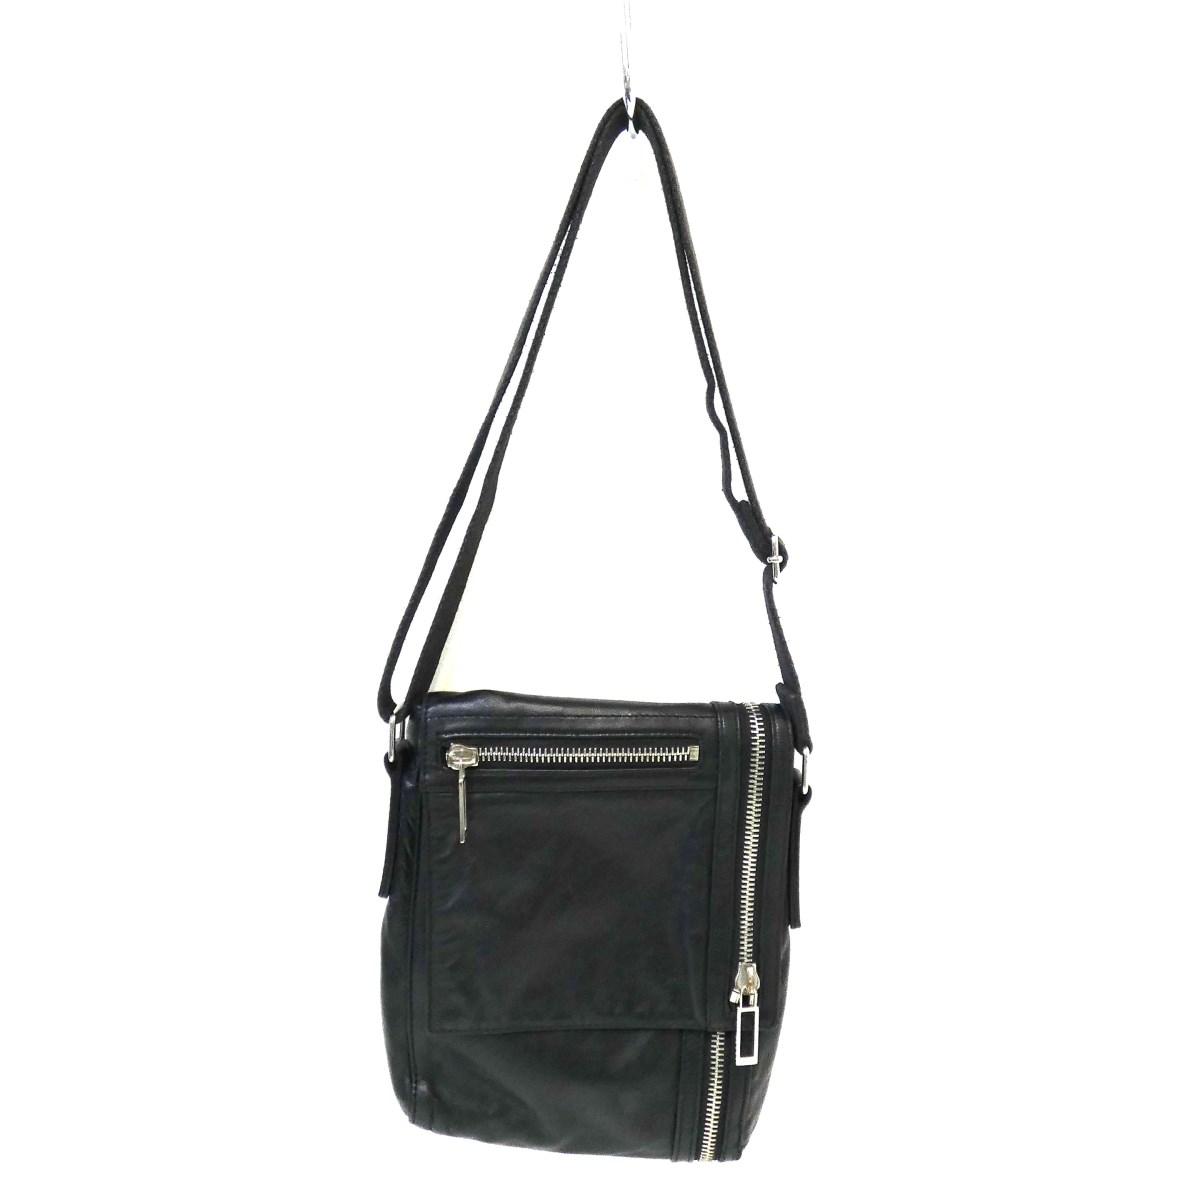 与え 12月12日 お値段見直しました 中古 Dior サイズ:- Homme12-B0-0190 お求めやすく価格改定 ブラック レザージップショルダーバッグ